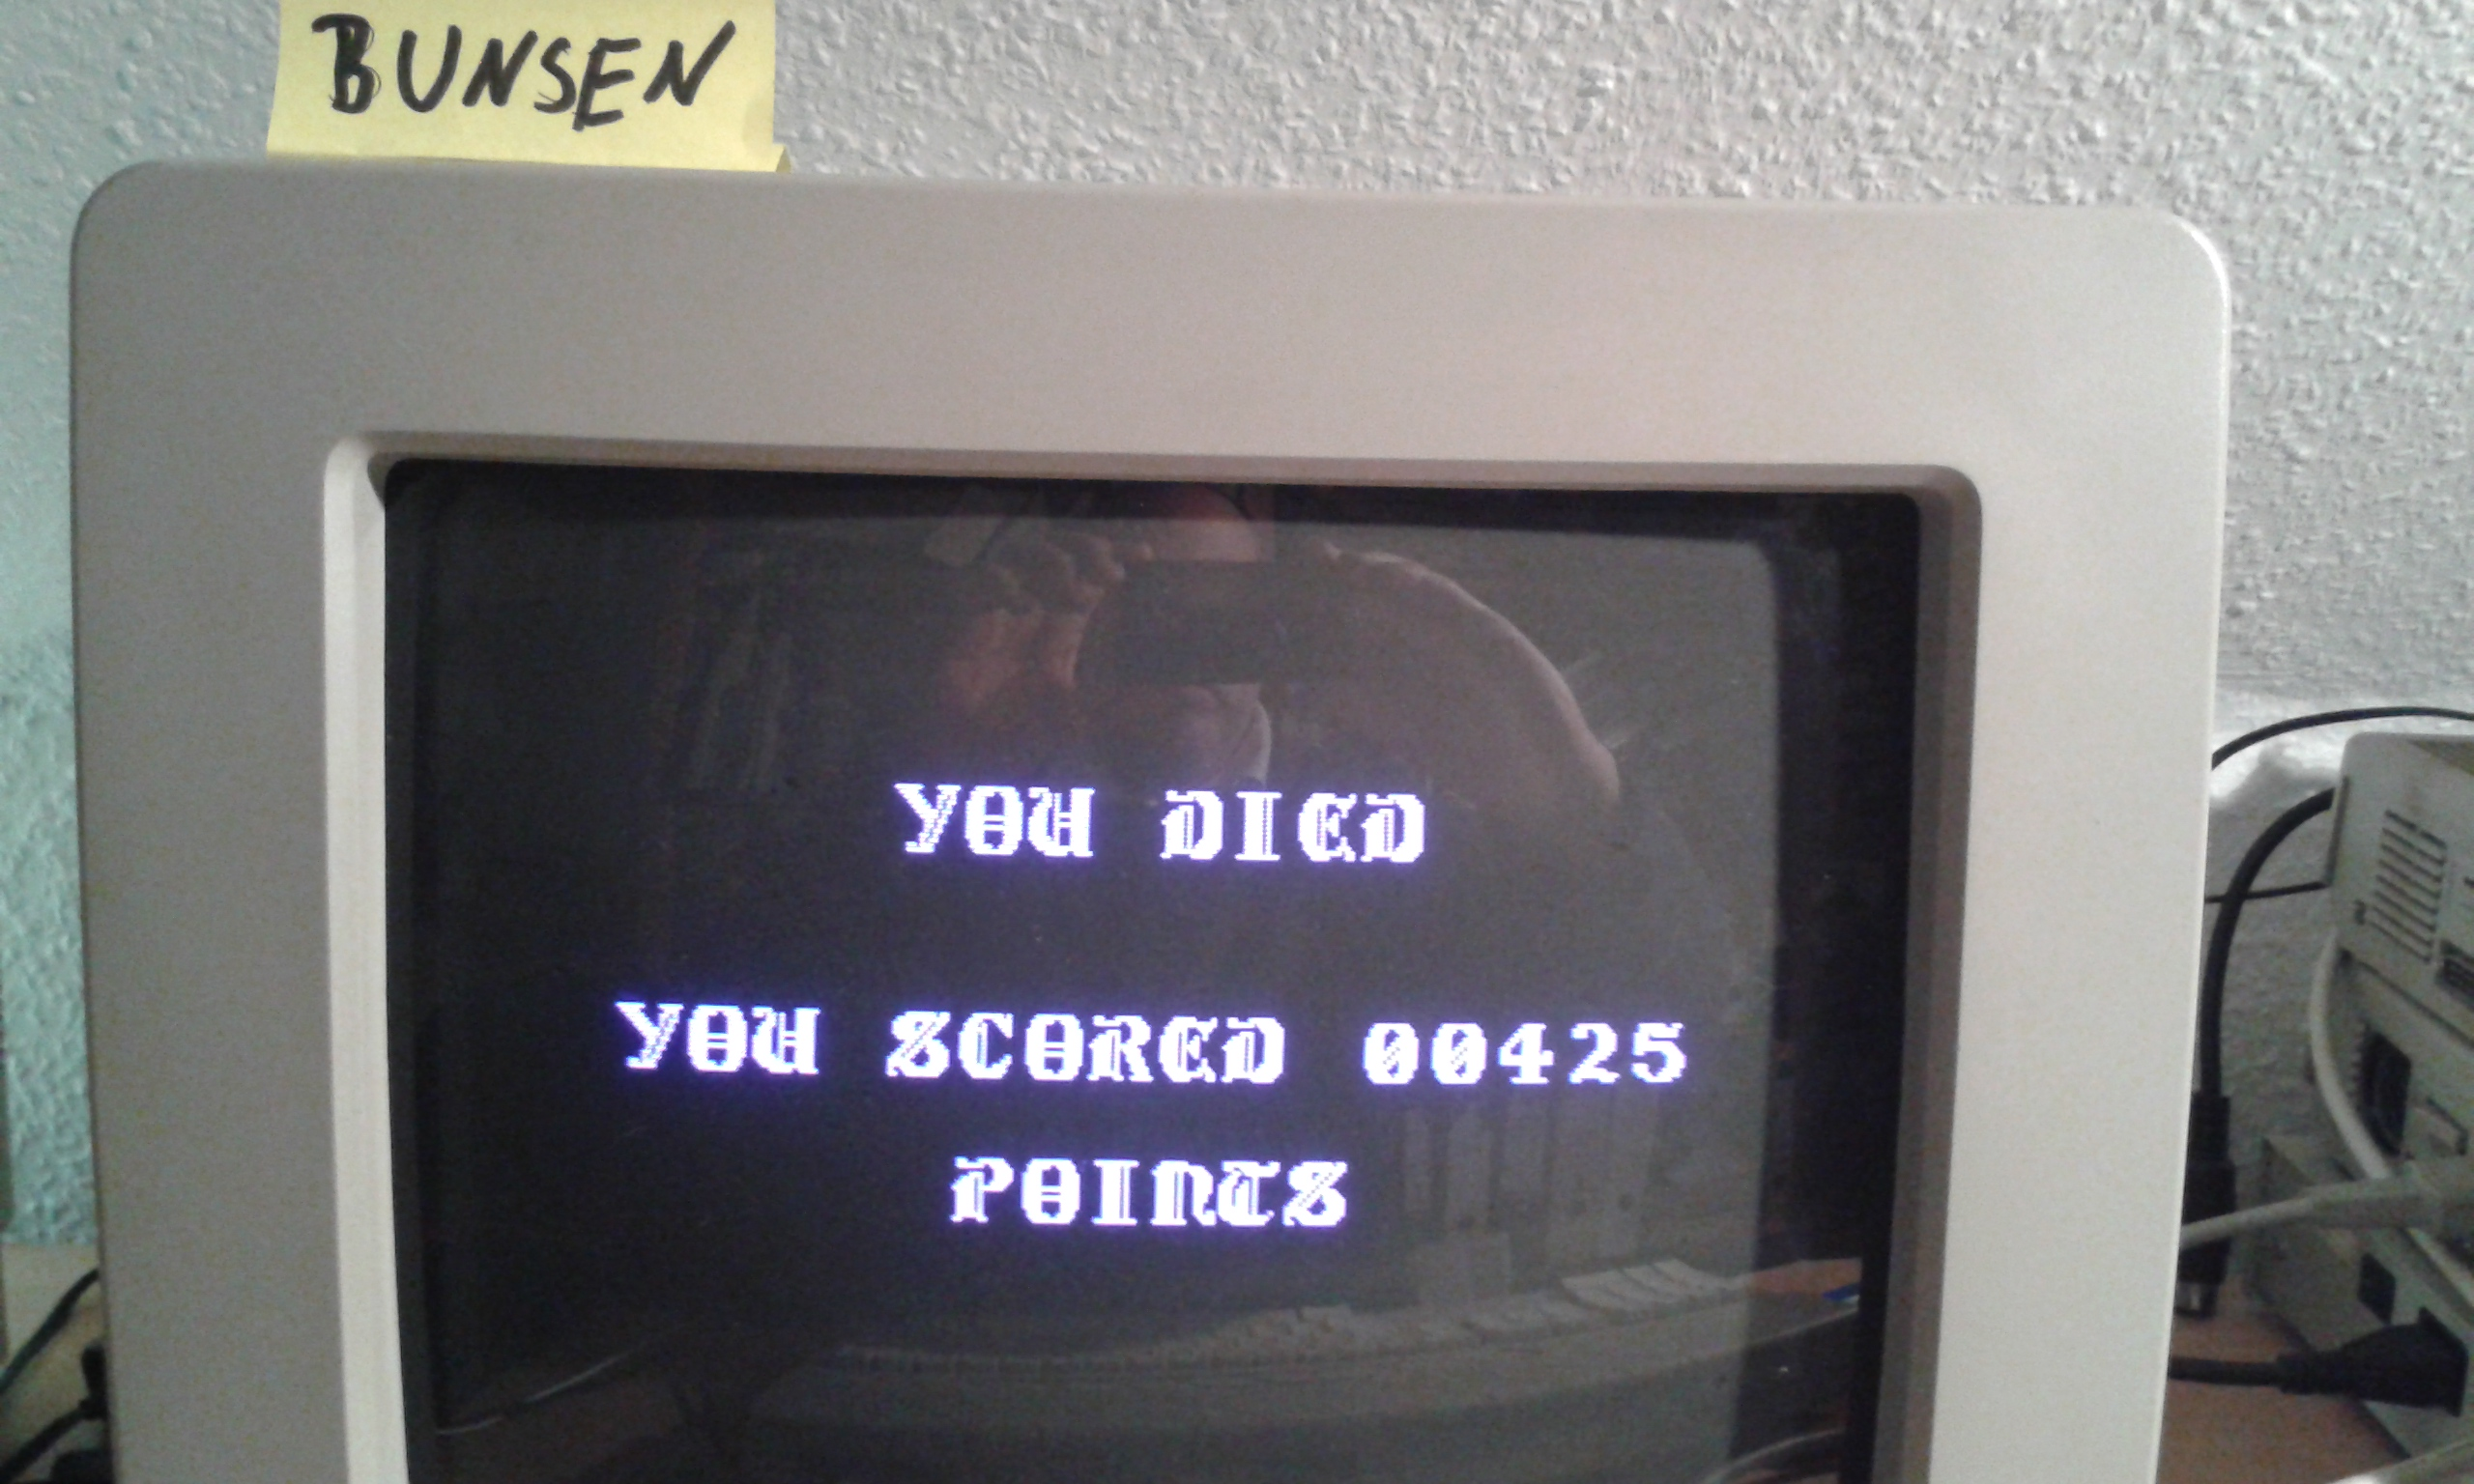 Bunsen: Airball (Atari ST) 425 points on 2015-04-17 10:56:54